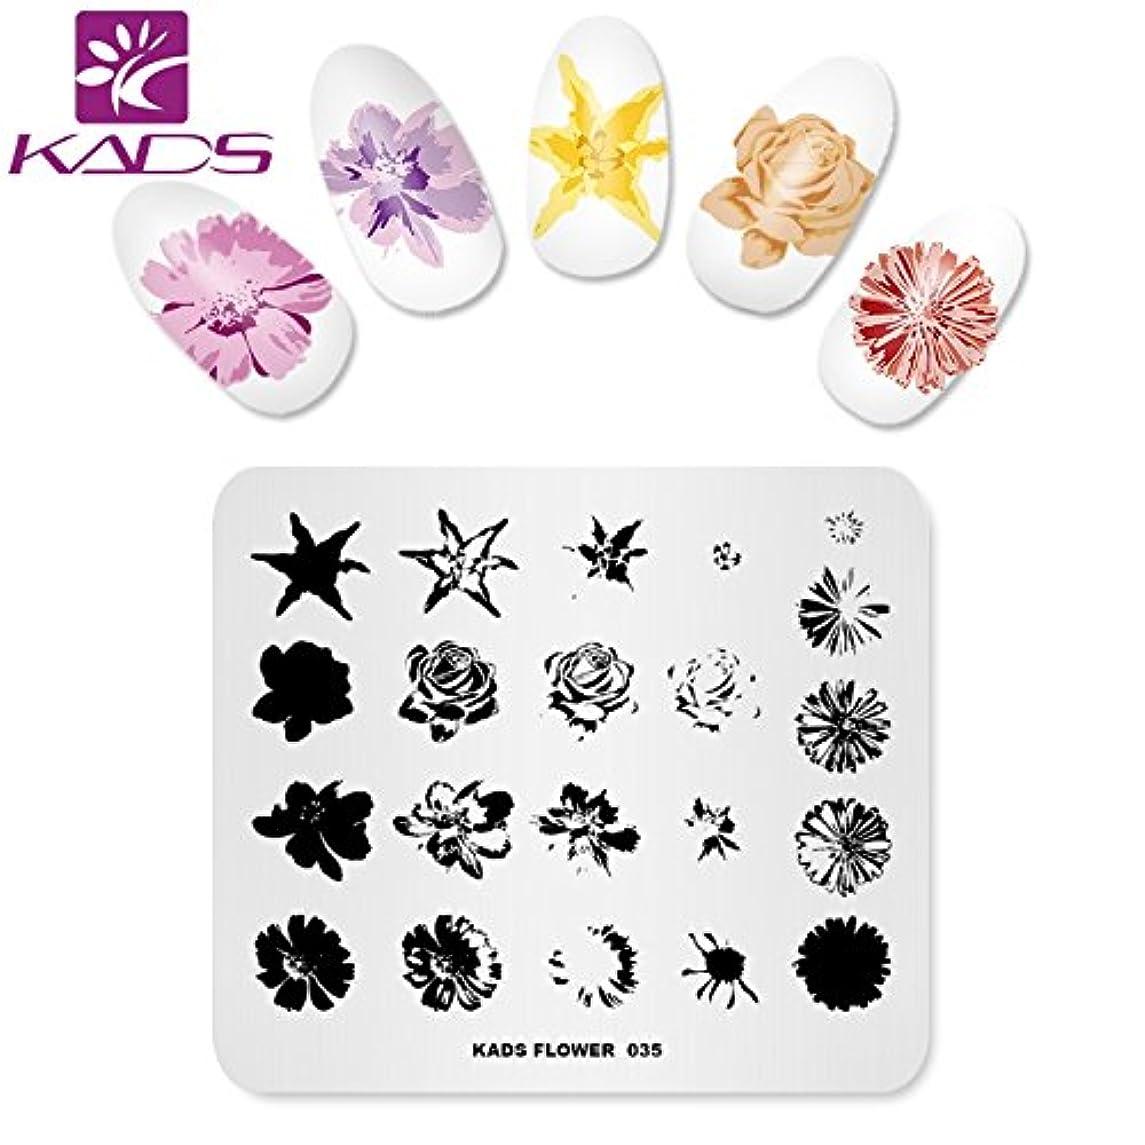 発言するユダヤ人魅了するKADS ネイルプレート 美しい花柄 ネイルステンシル ネイルイメージプレート (FL035)